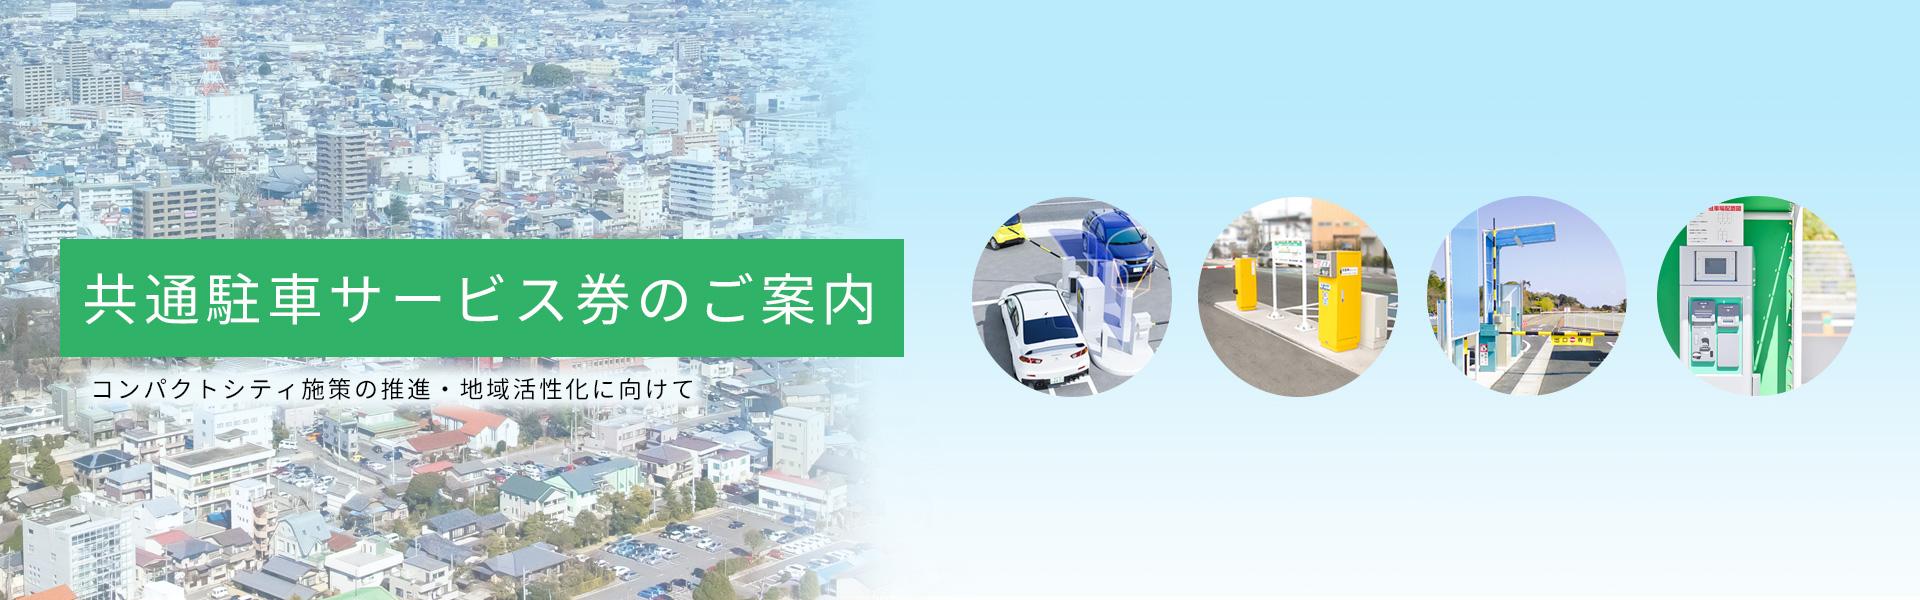 コンパクトシティと共通駐車サービス券